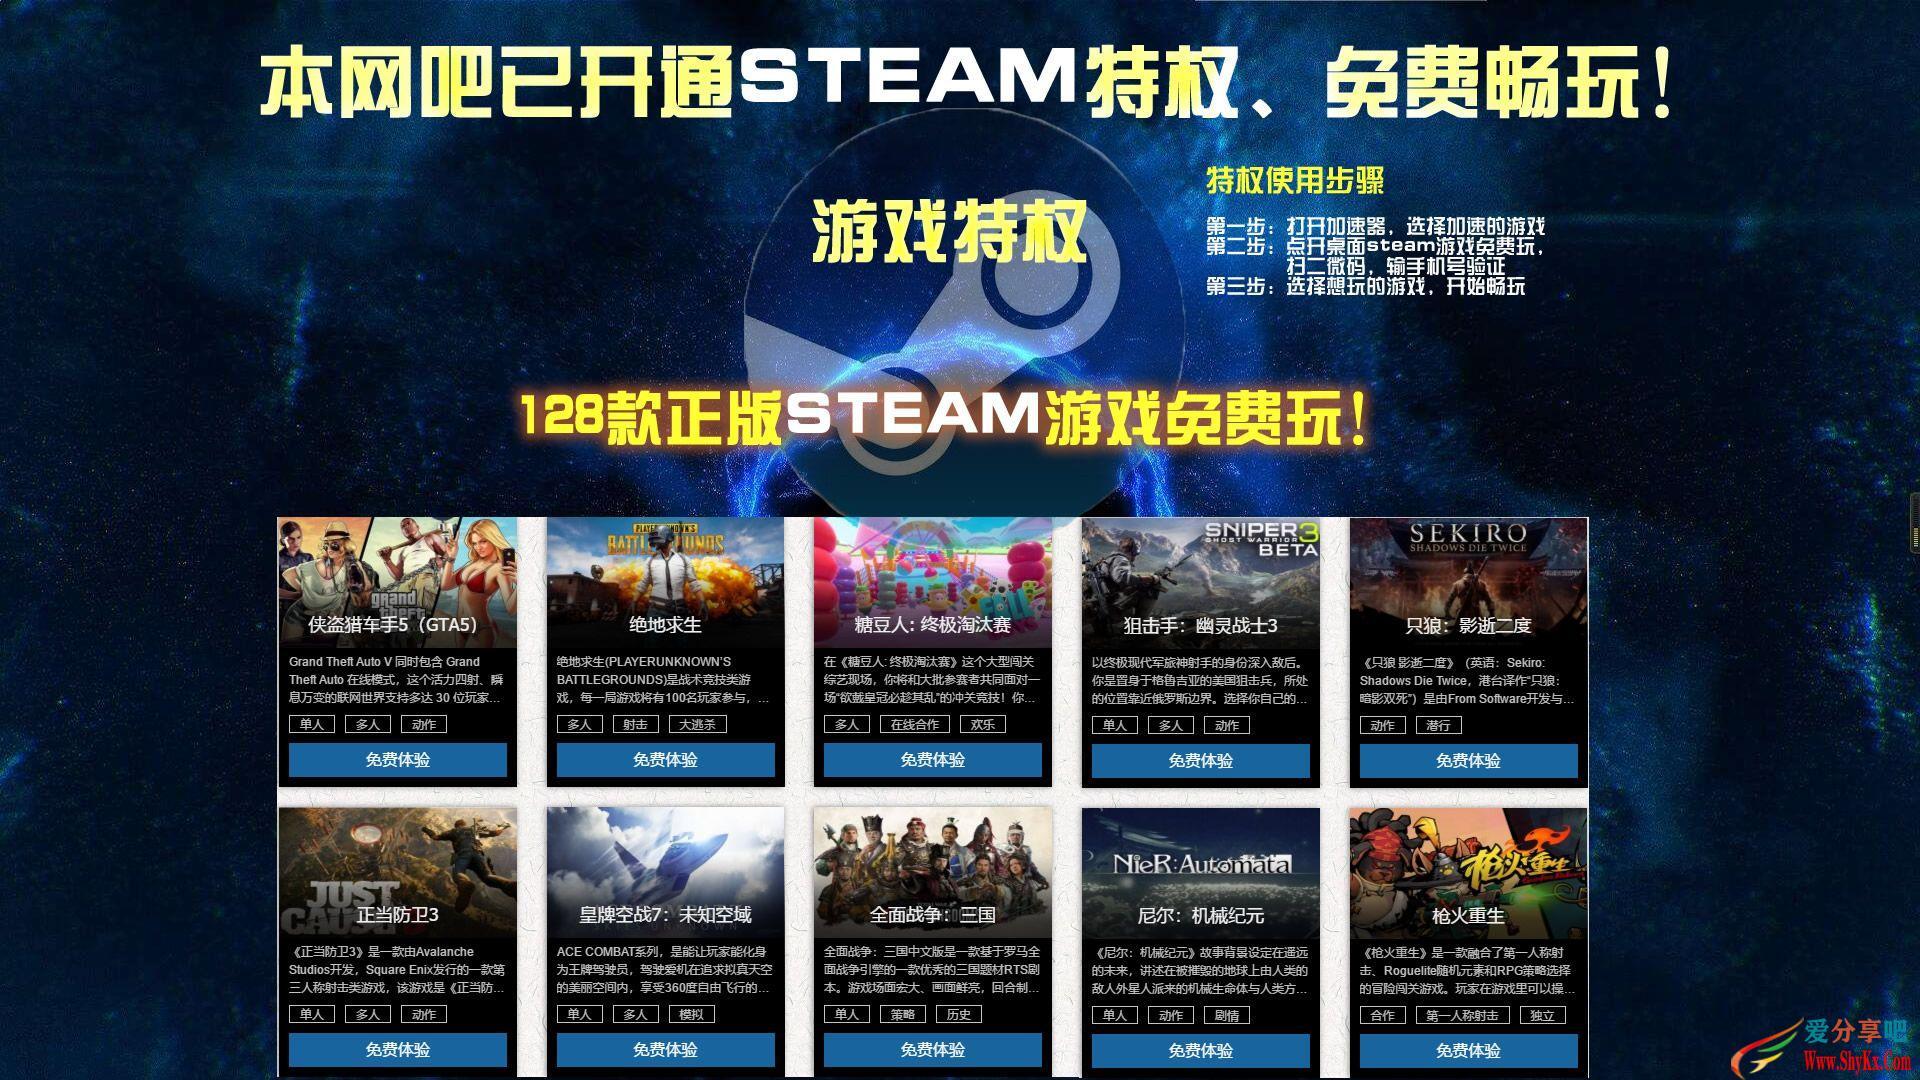 蚂蚁特权《网吧所有steam游戏免费玩》 行业资讯